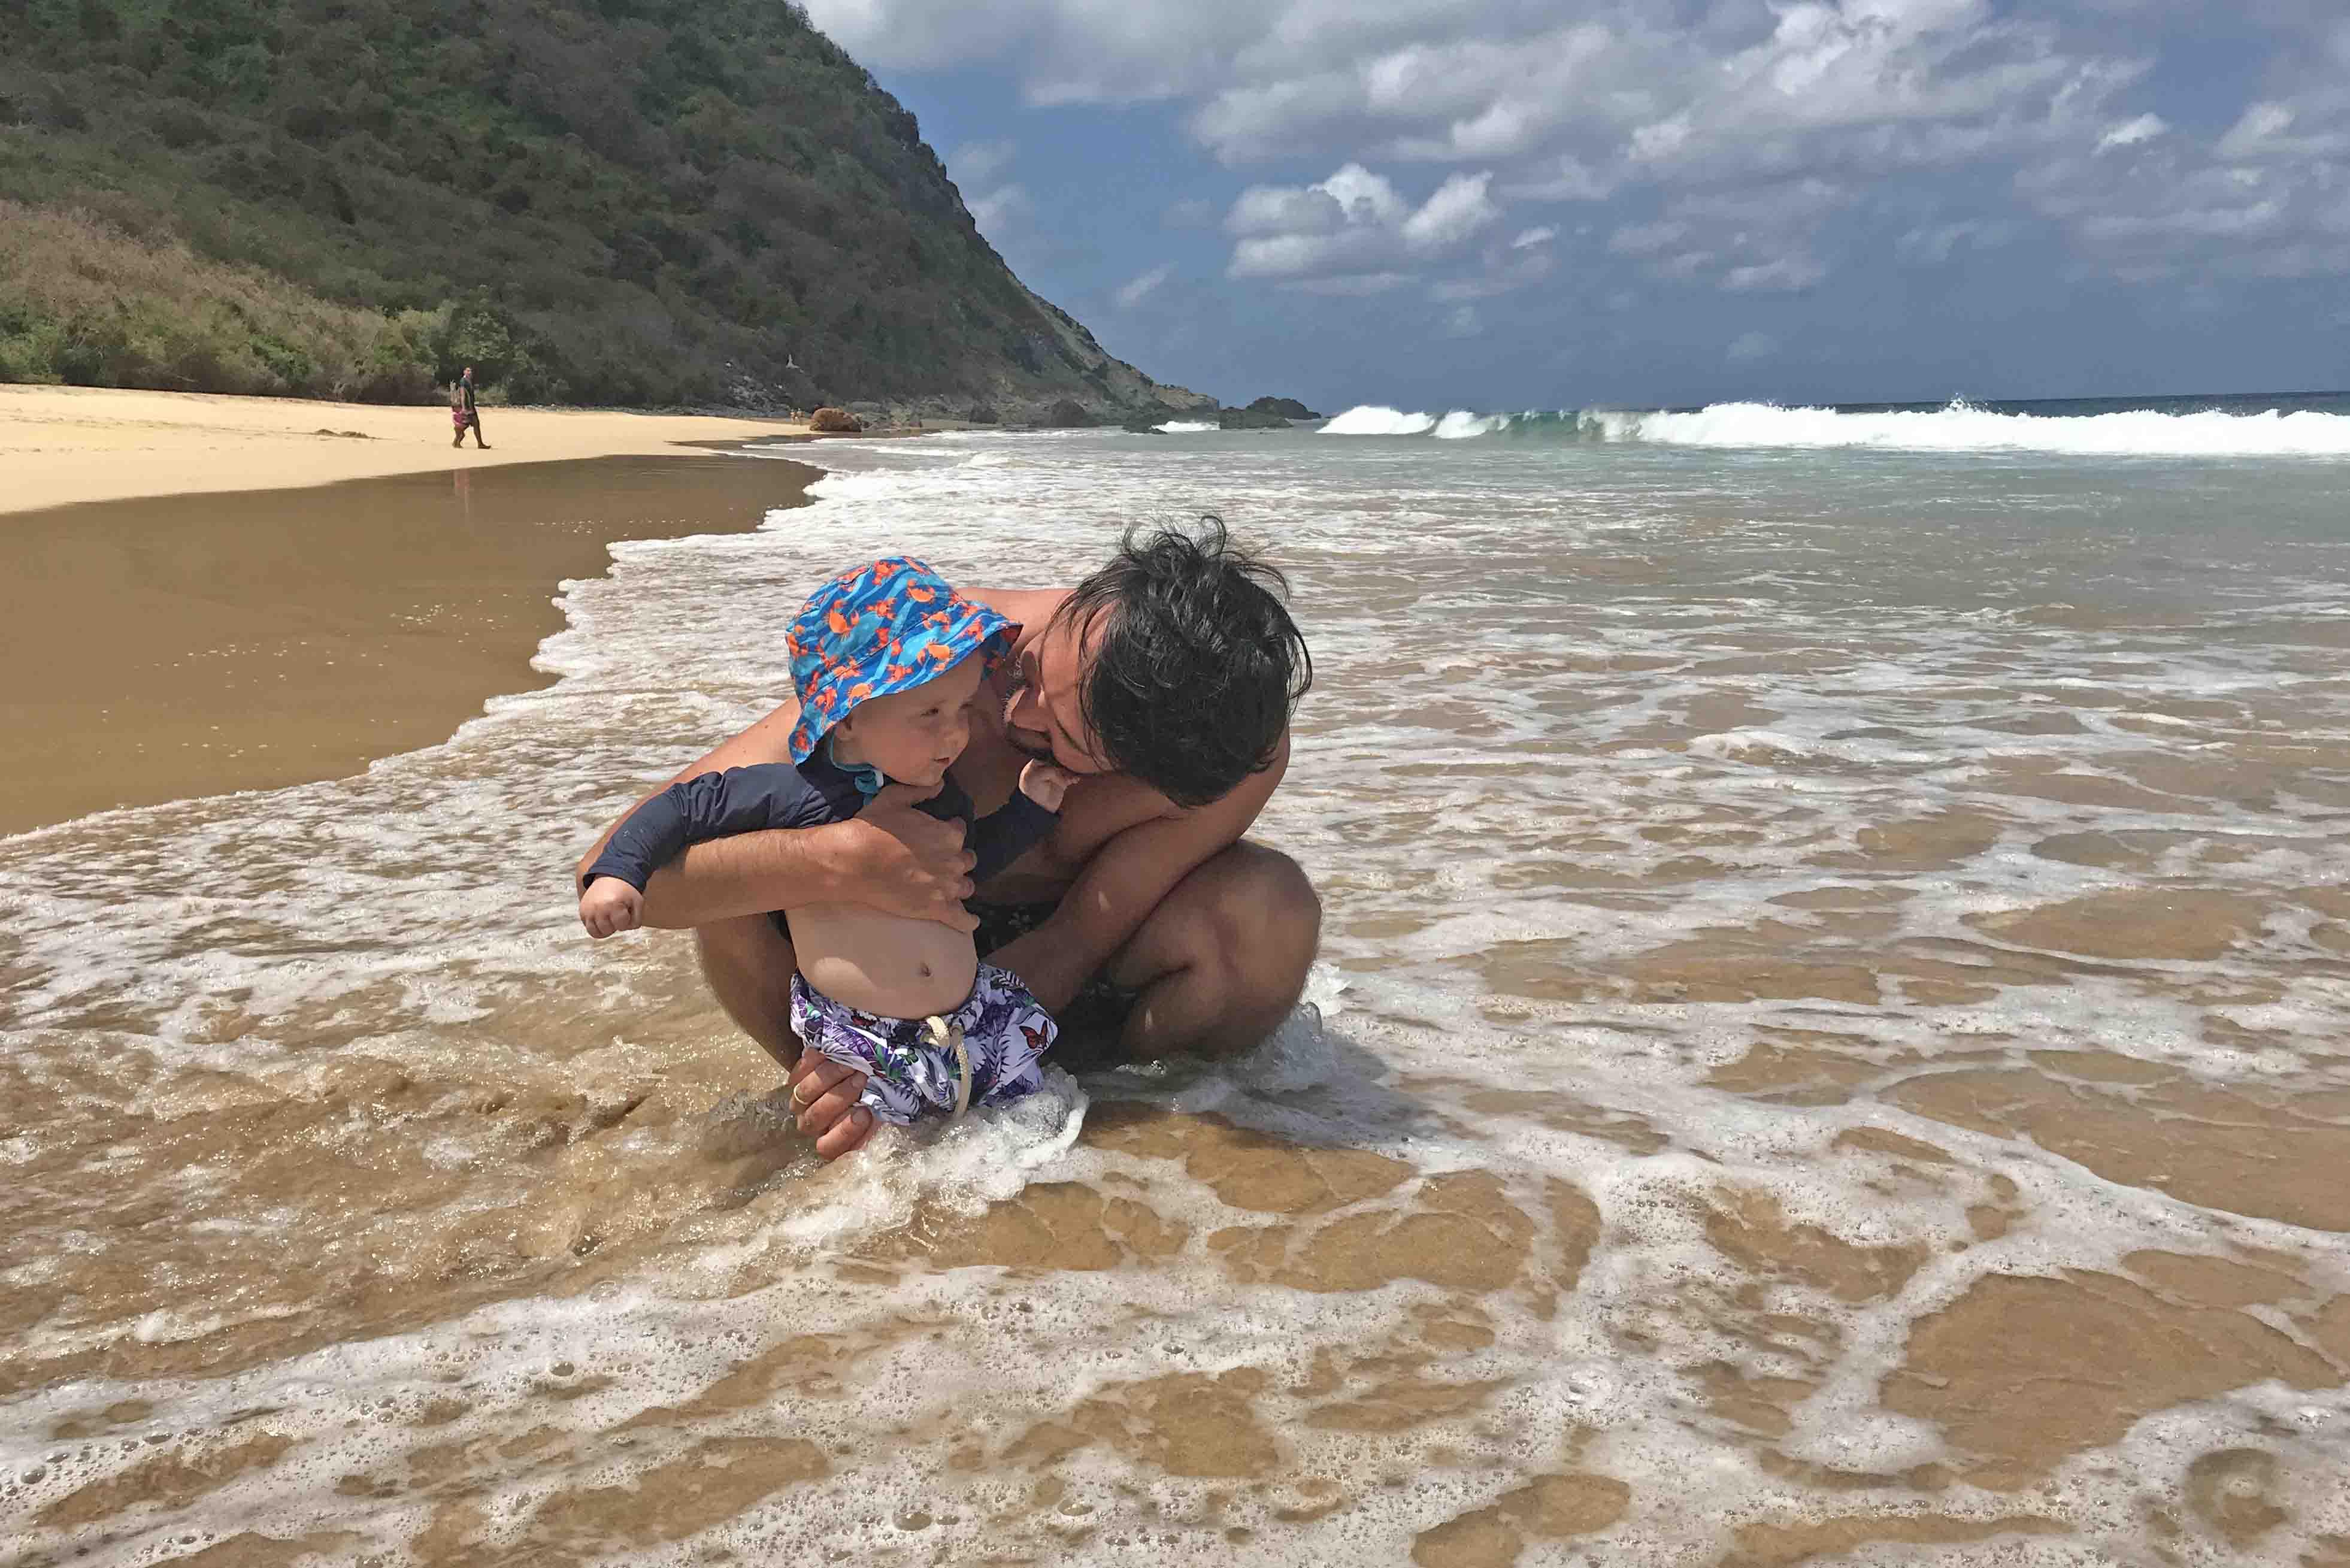 Dicas de Fernando de Noronha - Praia da Conceição - Lala Rebelo